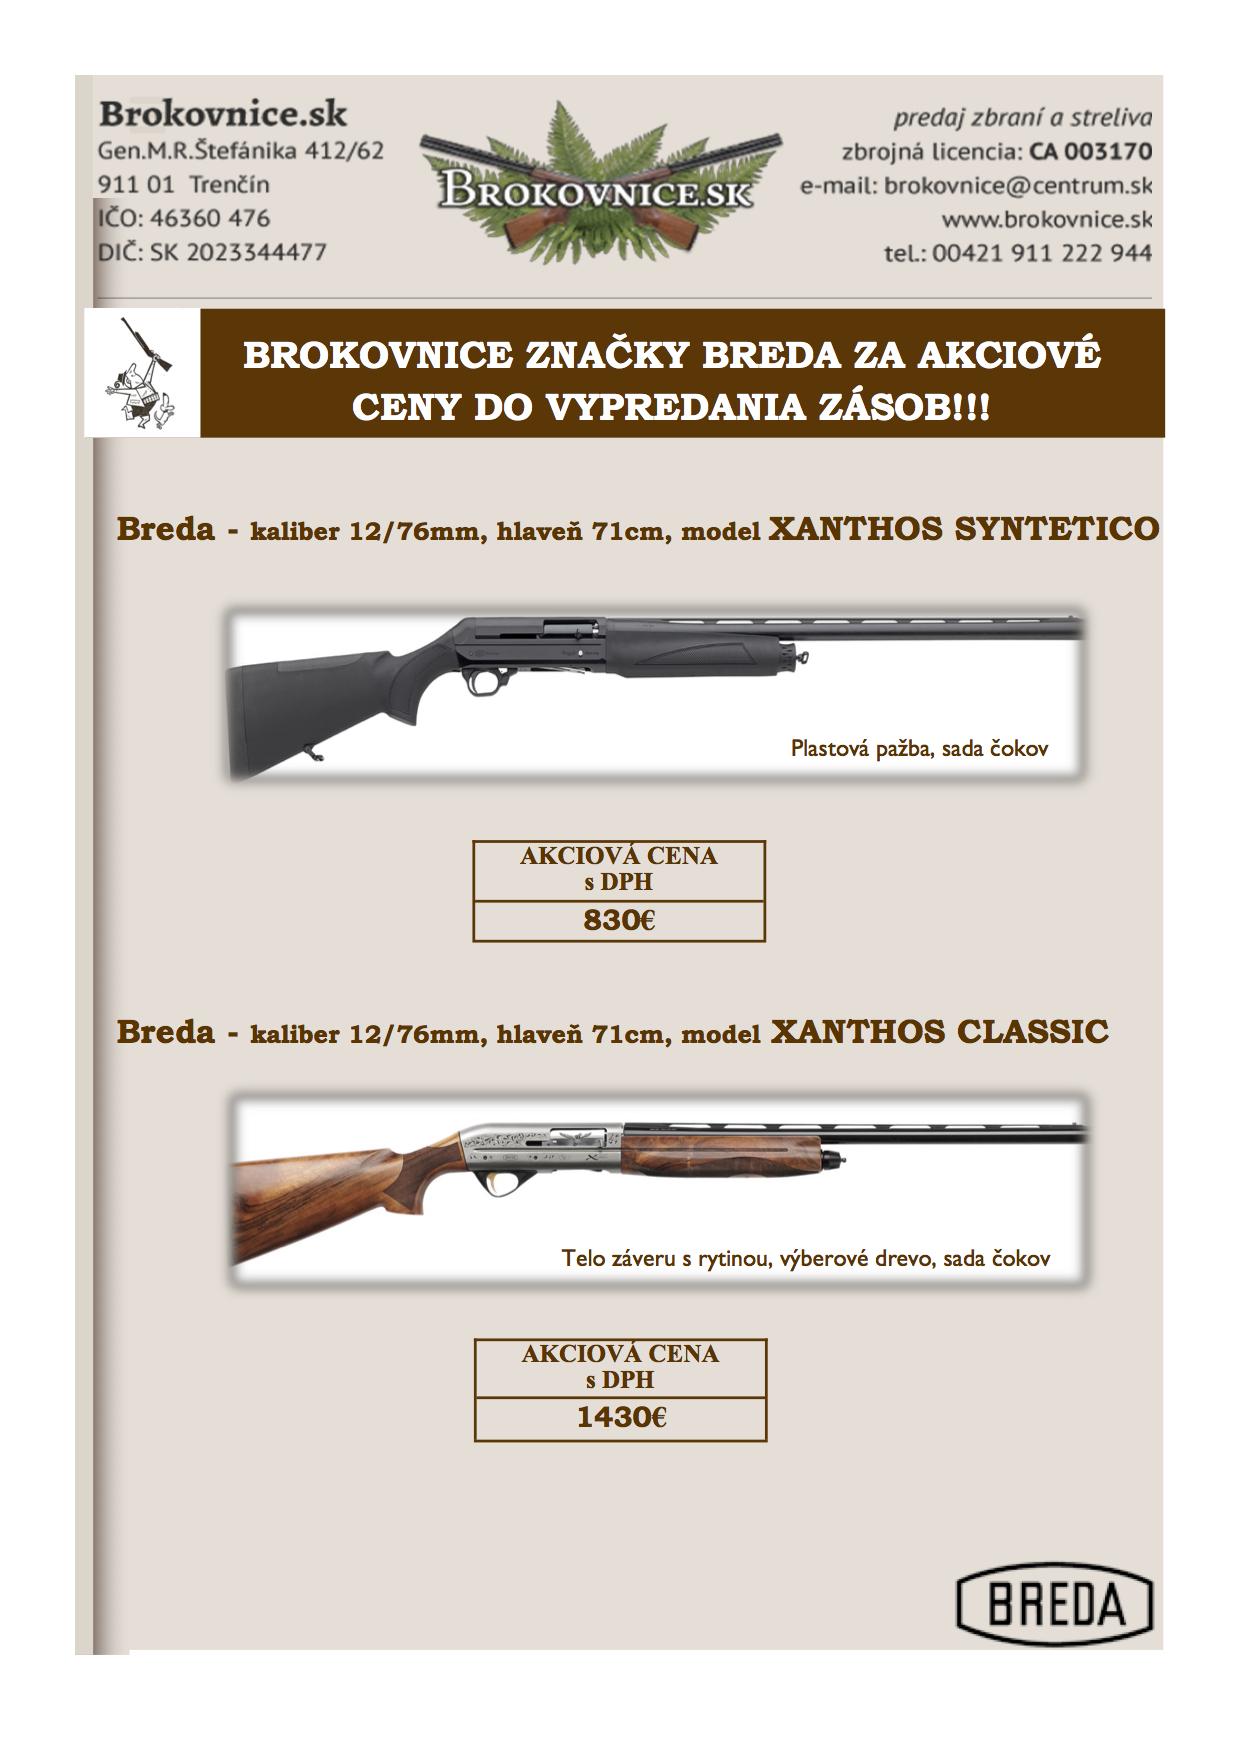 8951ad9c0b Pripravili sme pre vás akciovú ponuku na zbrane Breda až do vypredania  zásob!